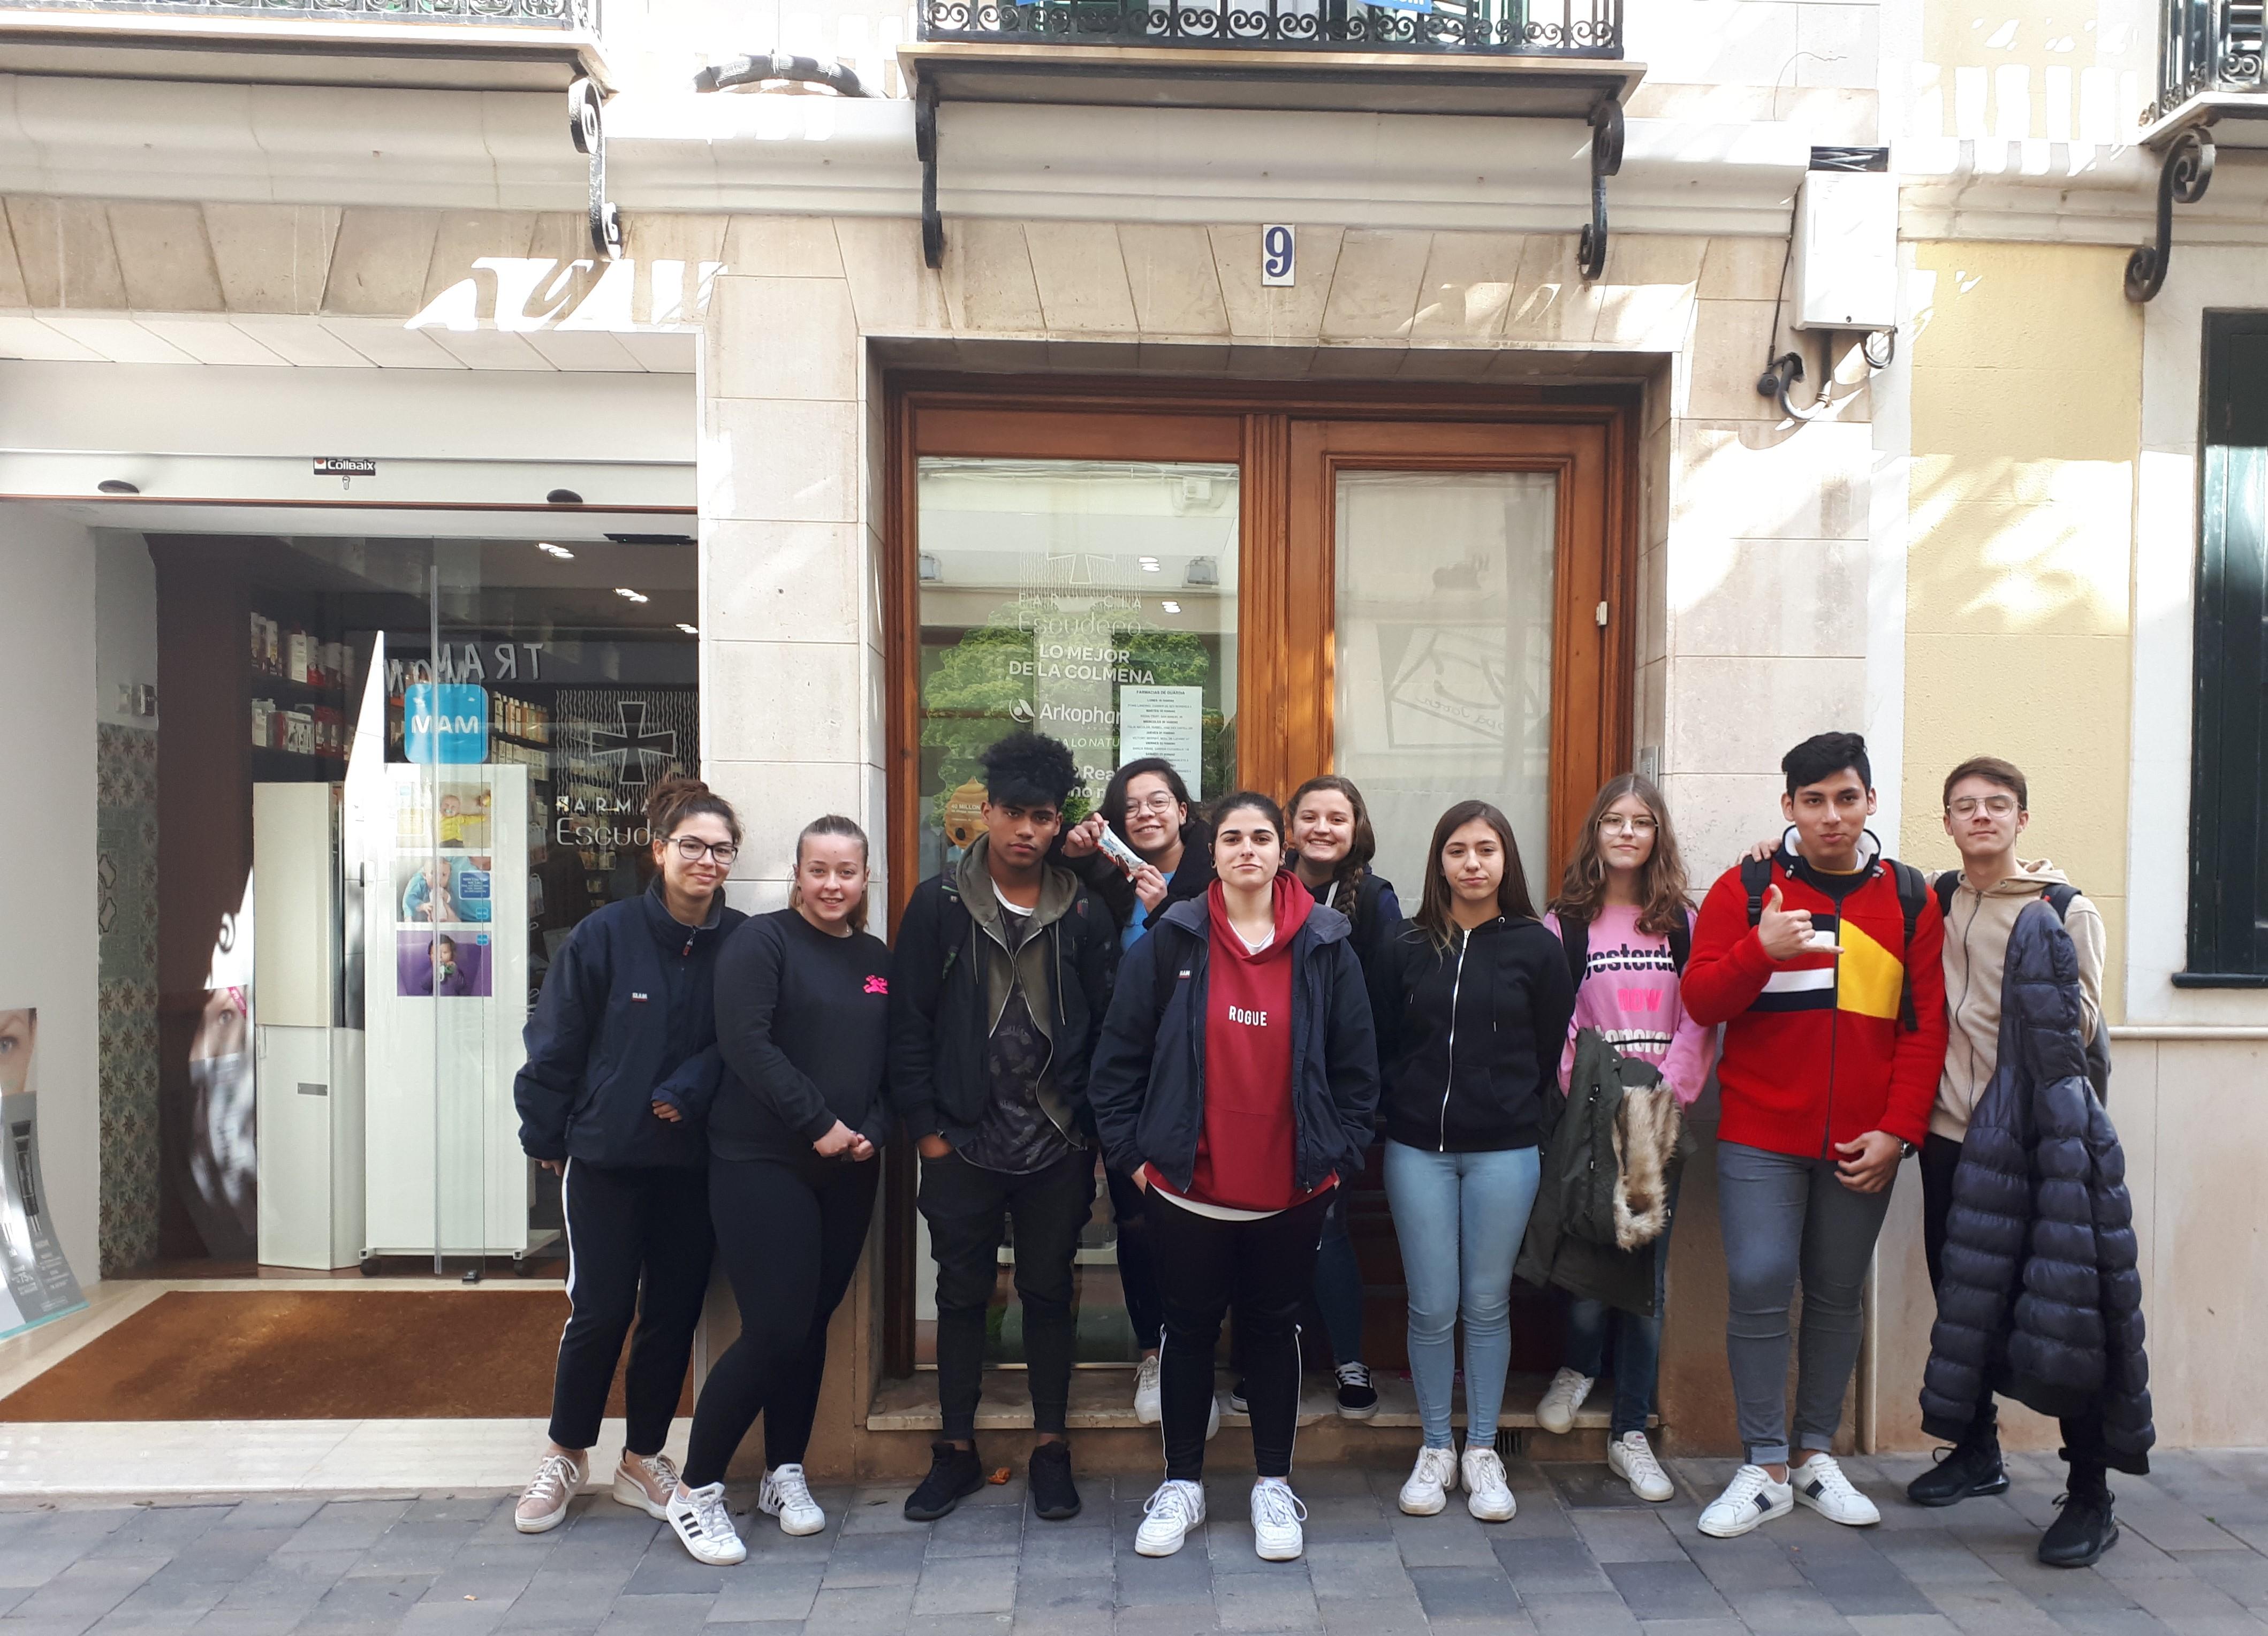 Alumnes de 4t realitzen un projecte de visites a empreses